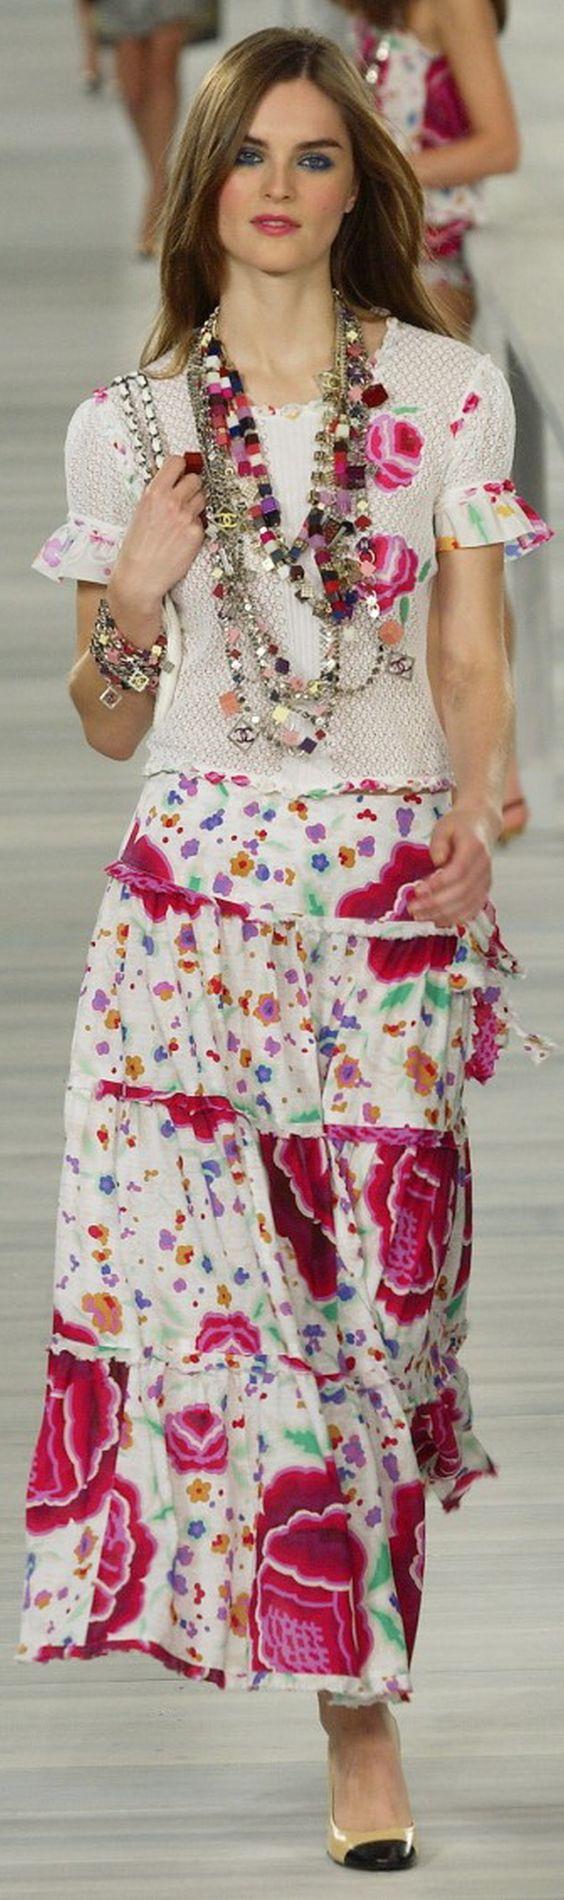 Chanel Spring 2004: